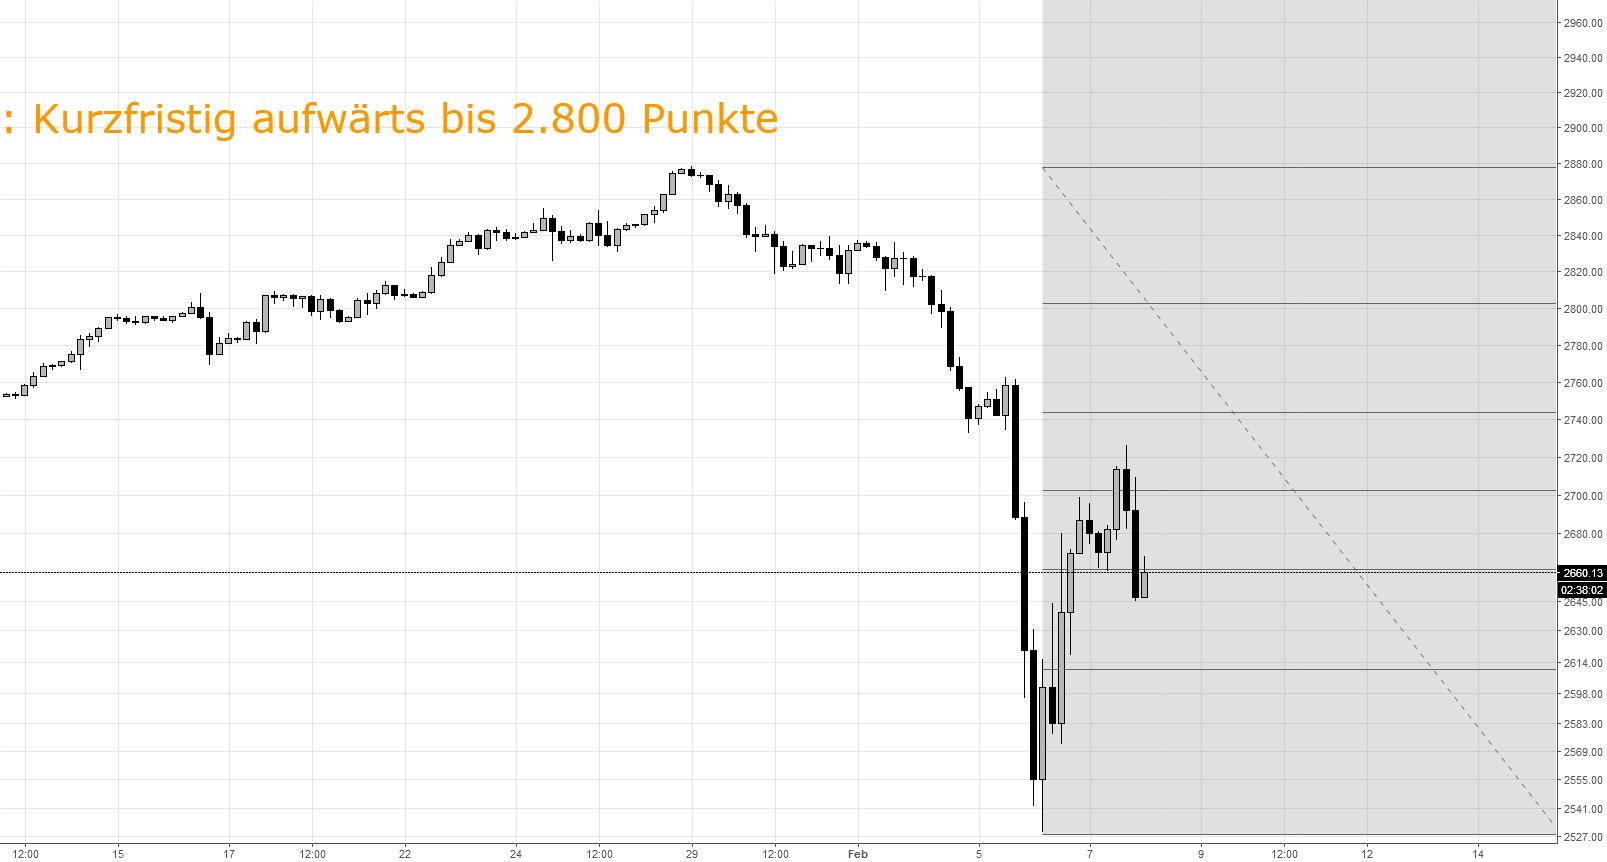 ES / SPX: Kurzfristiges Aufwärtsmomentum bis 2.800 Punkte